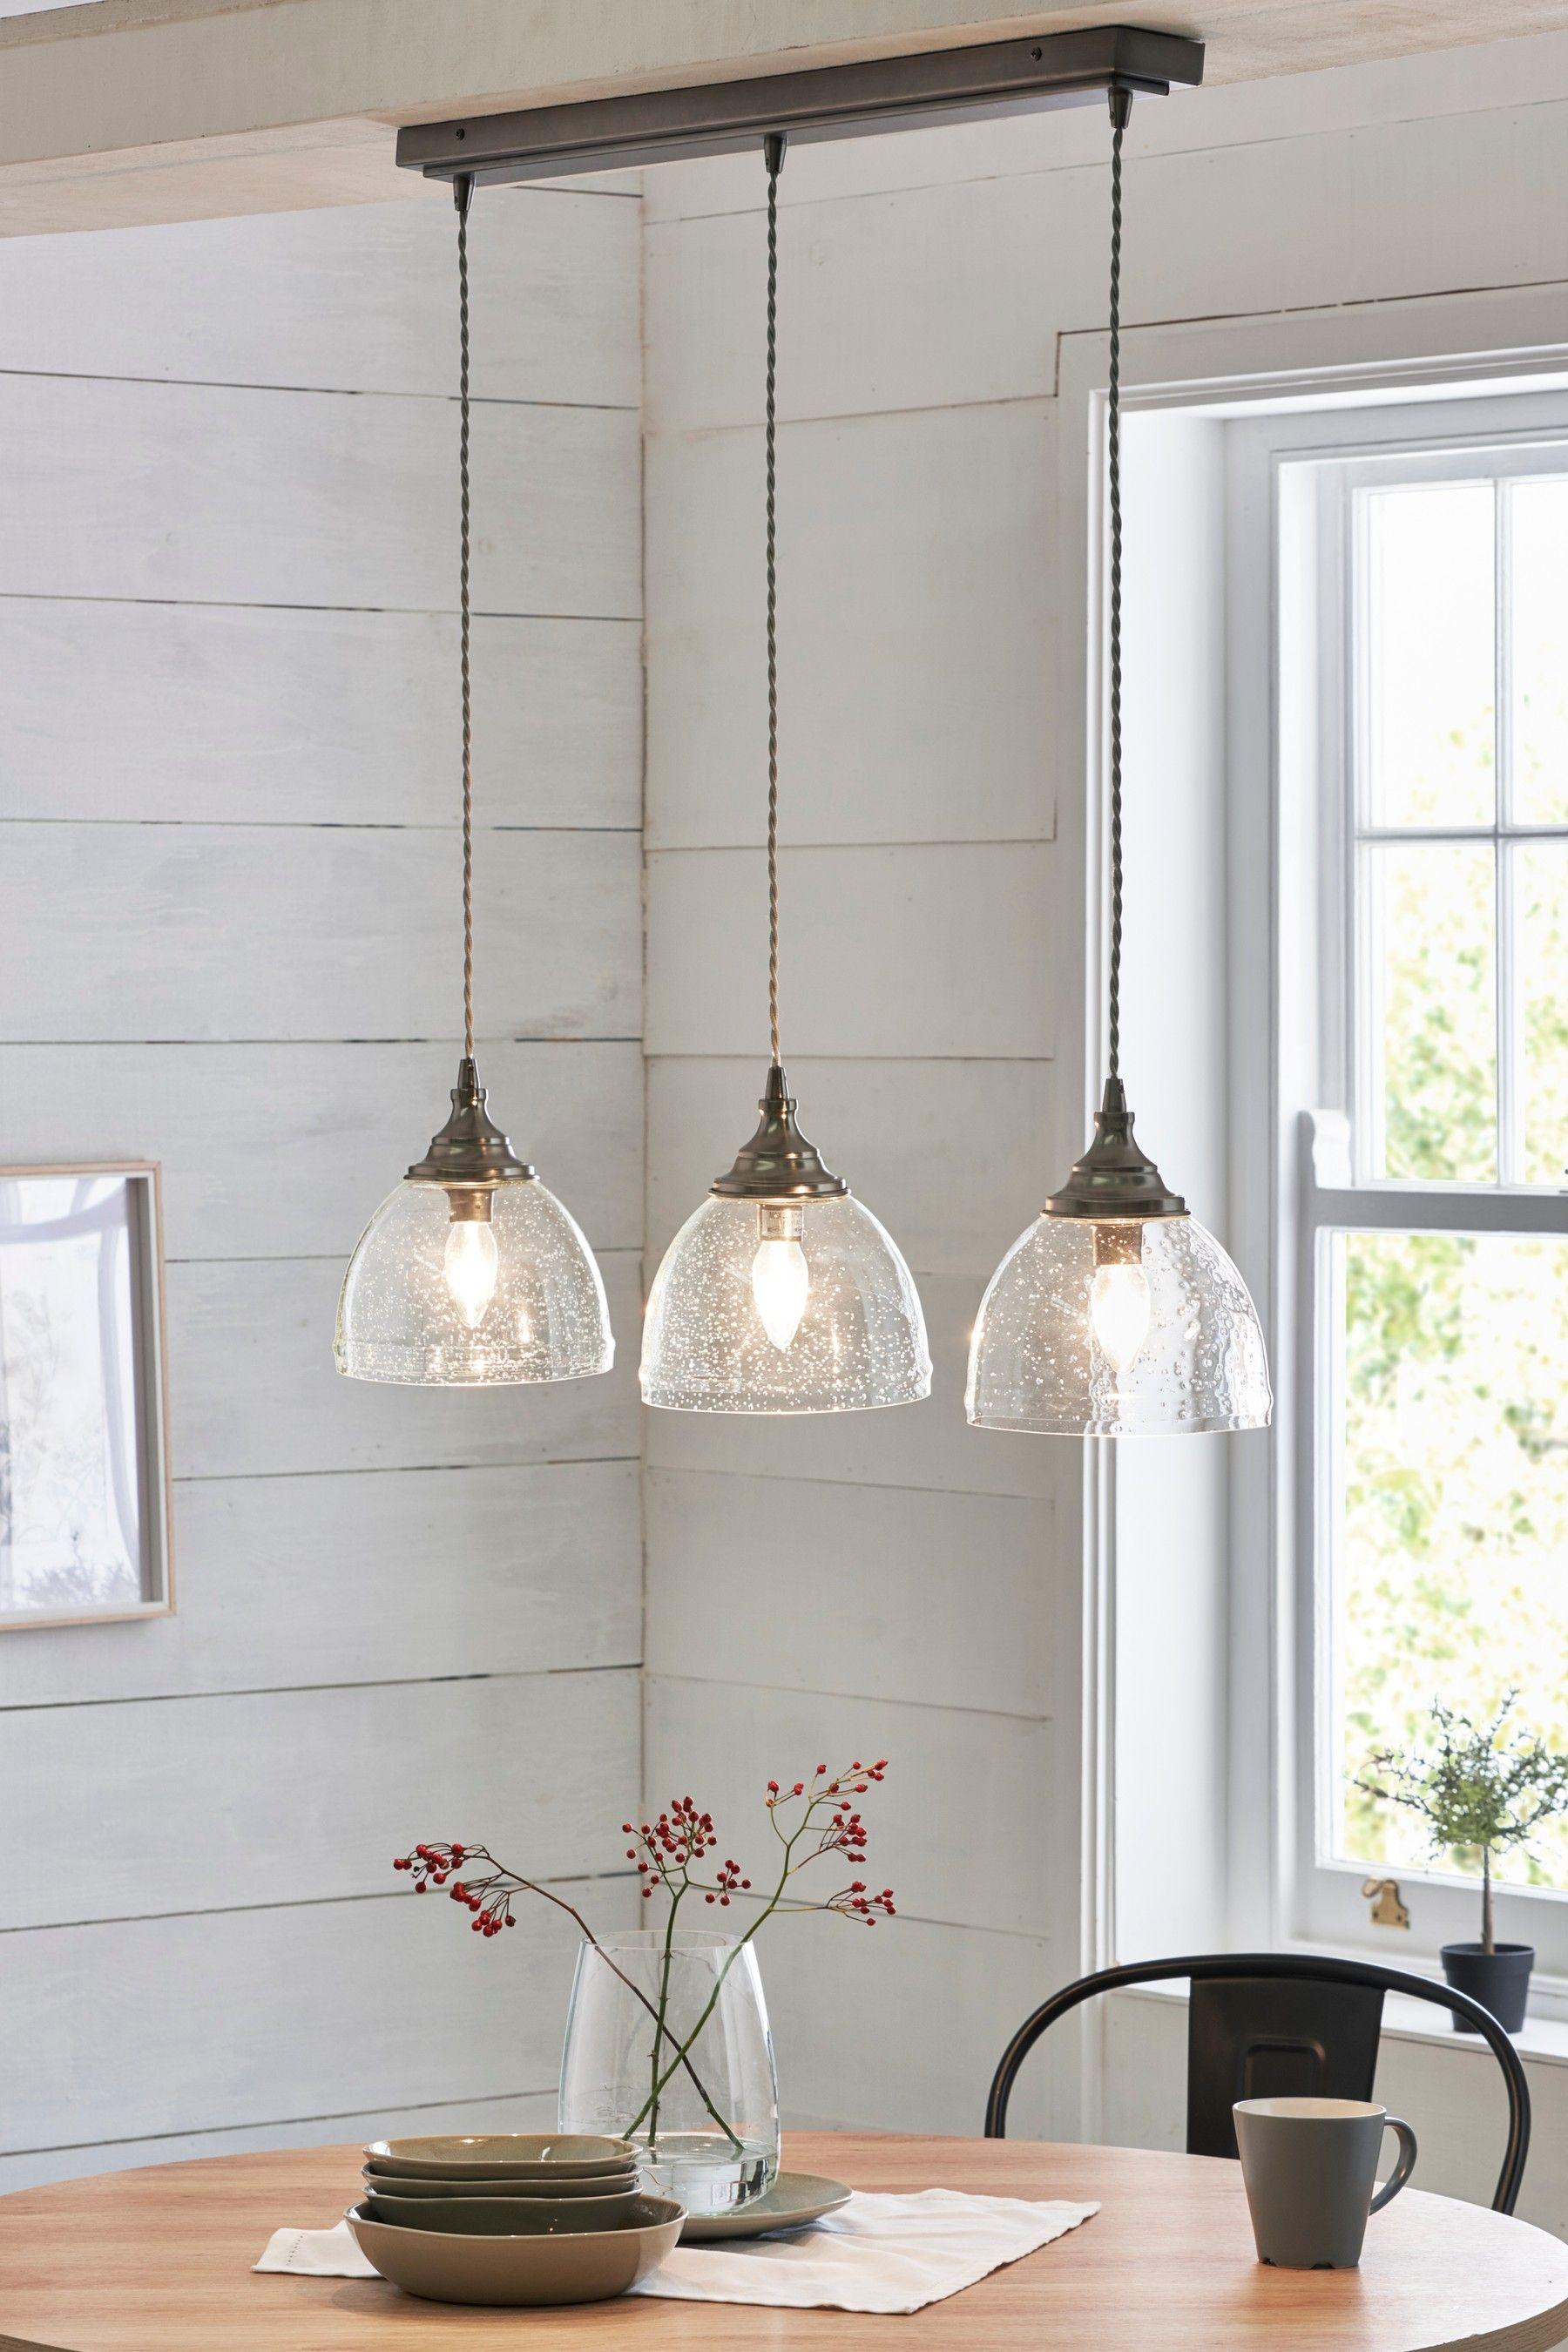 Buy Bergen 3 Light Linear Bar From The Next Uk Online Shop Hanging Lights Kitchen Kitchen Lights Uk Hanging Bar Lights